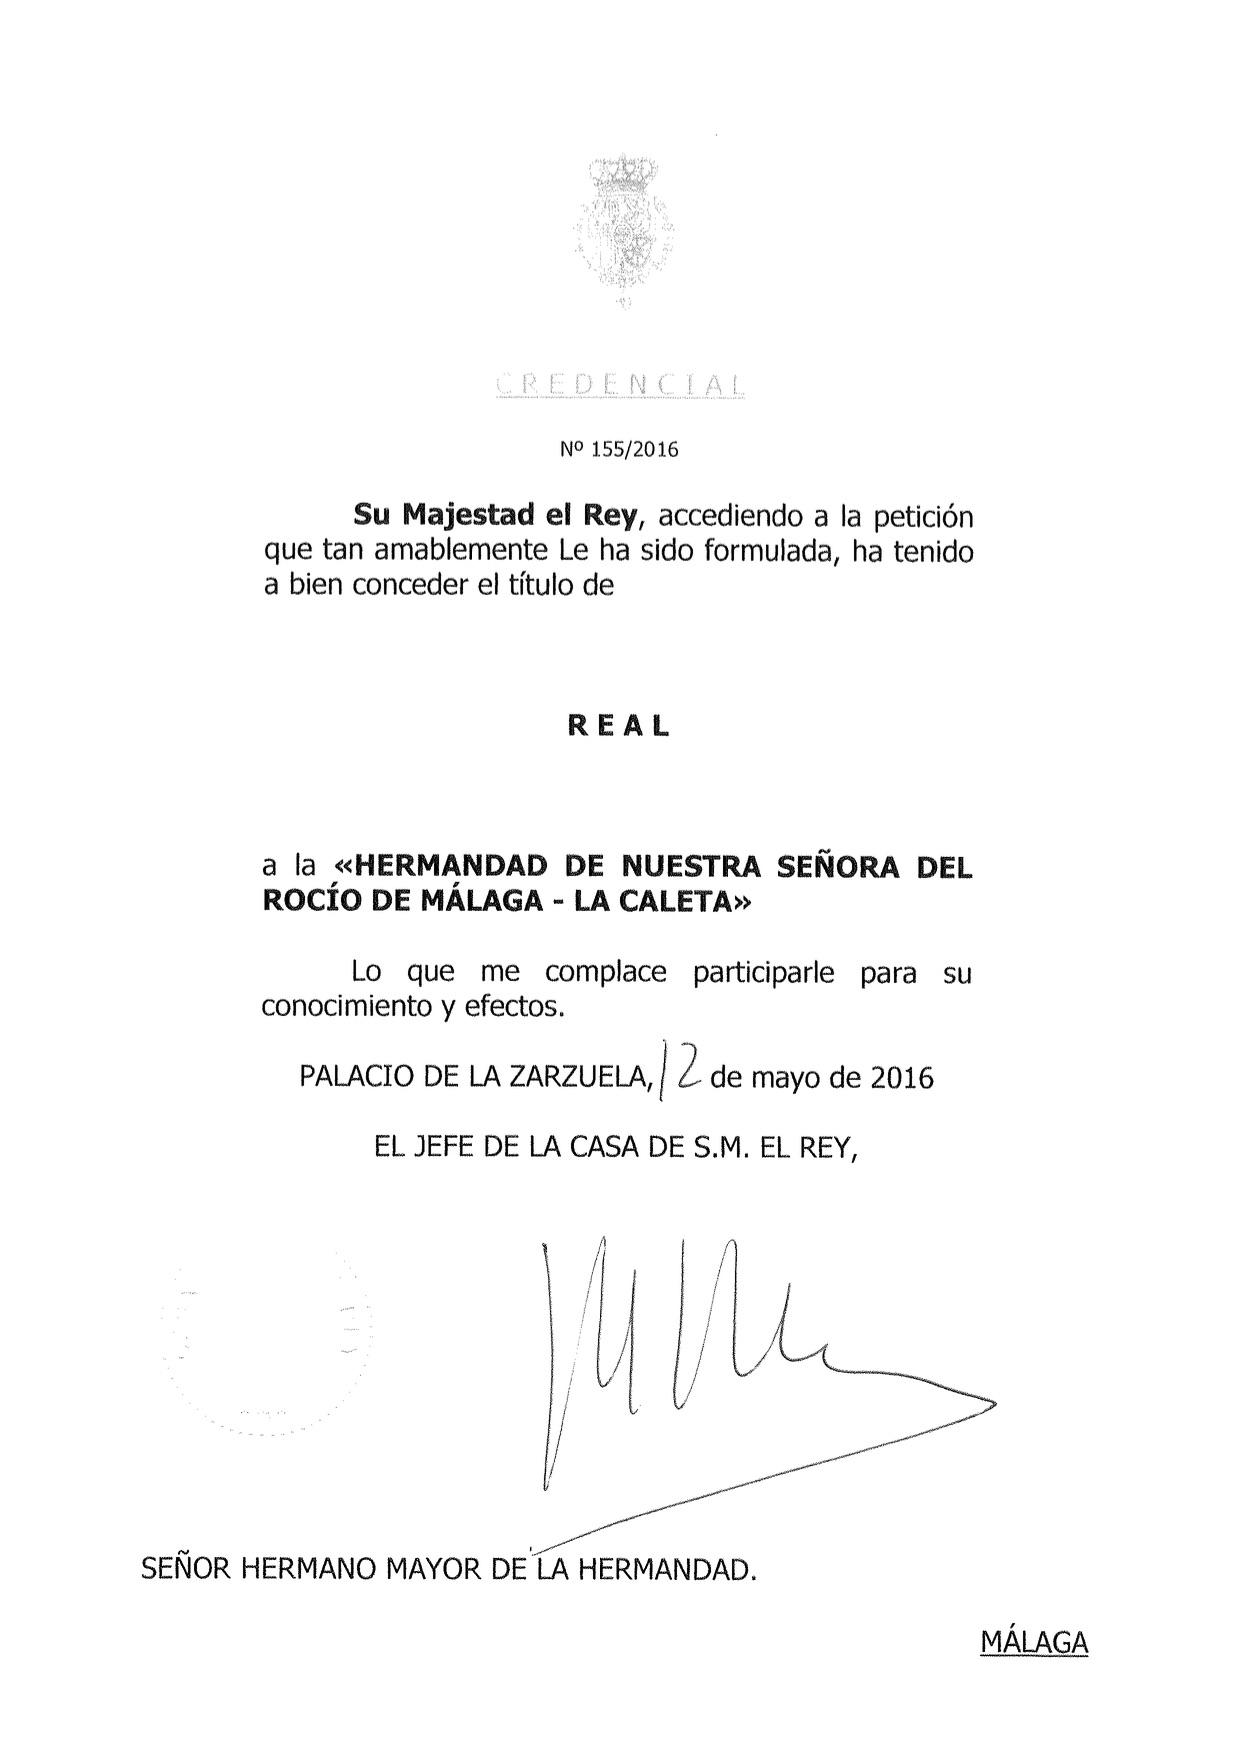 La Caleta Real Carta y credencial-1